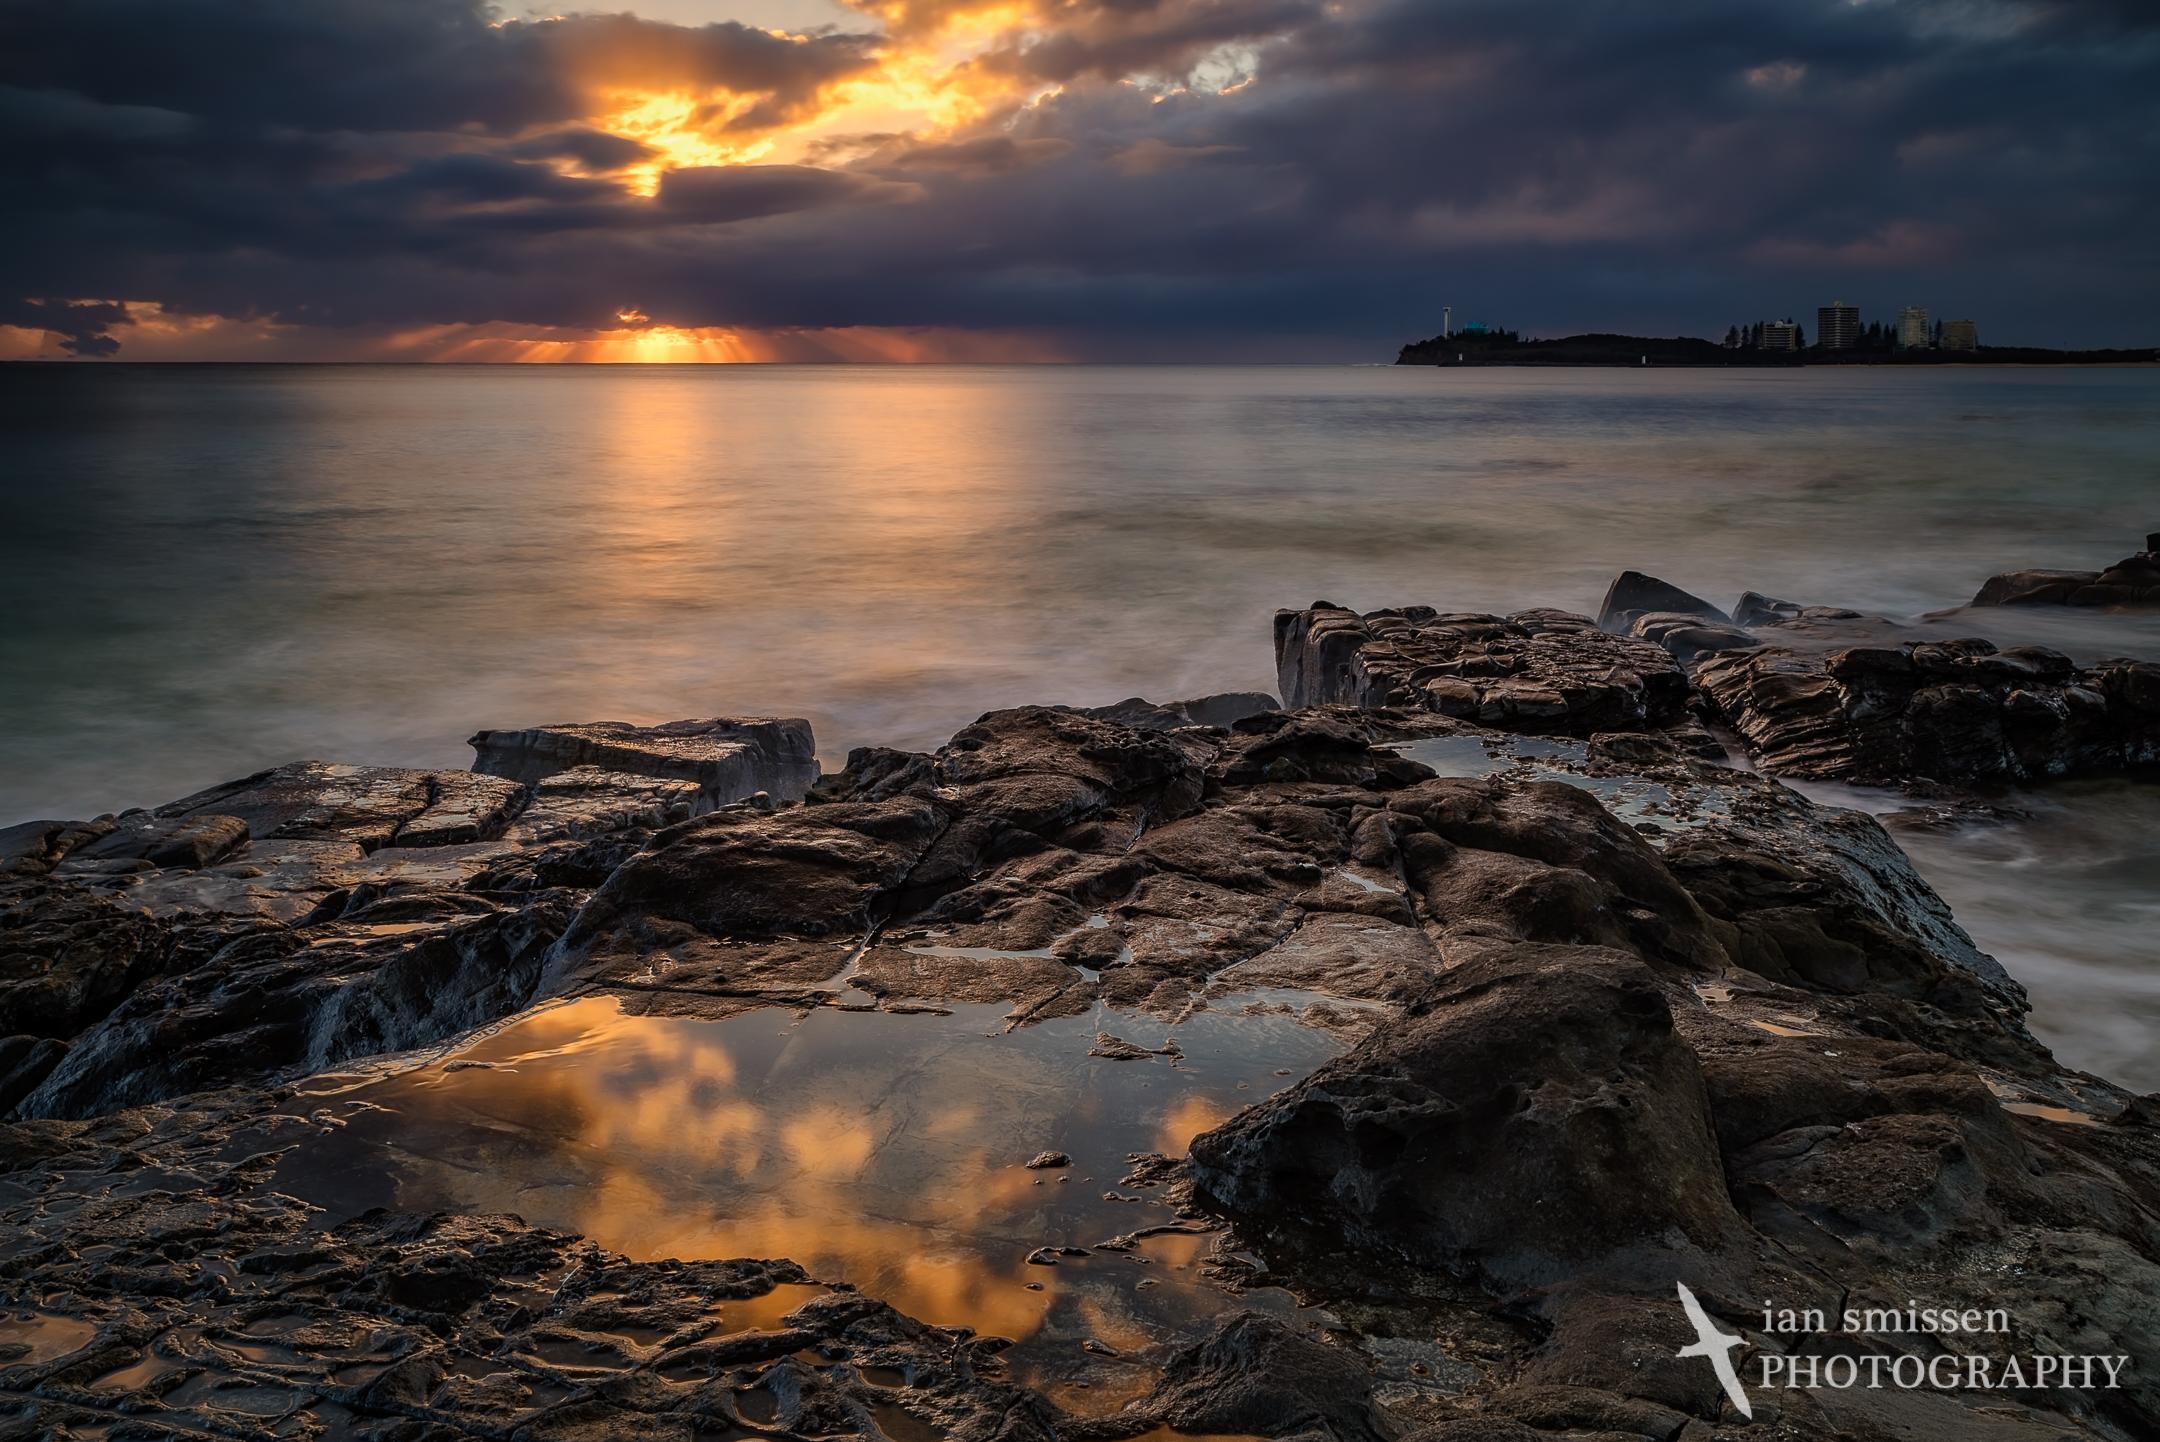 Sunrise on rock pools at Mooloolaba Beach